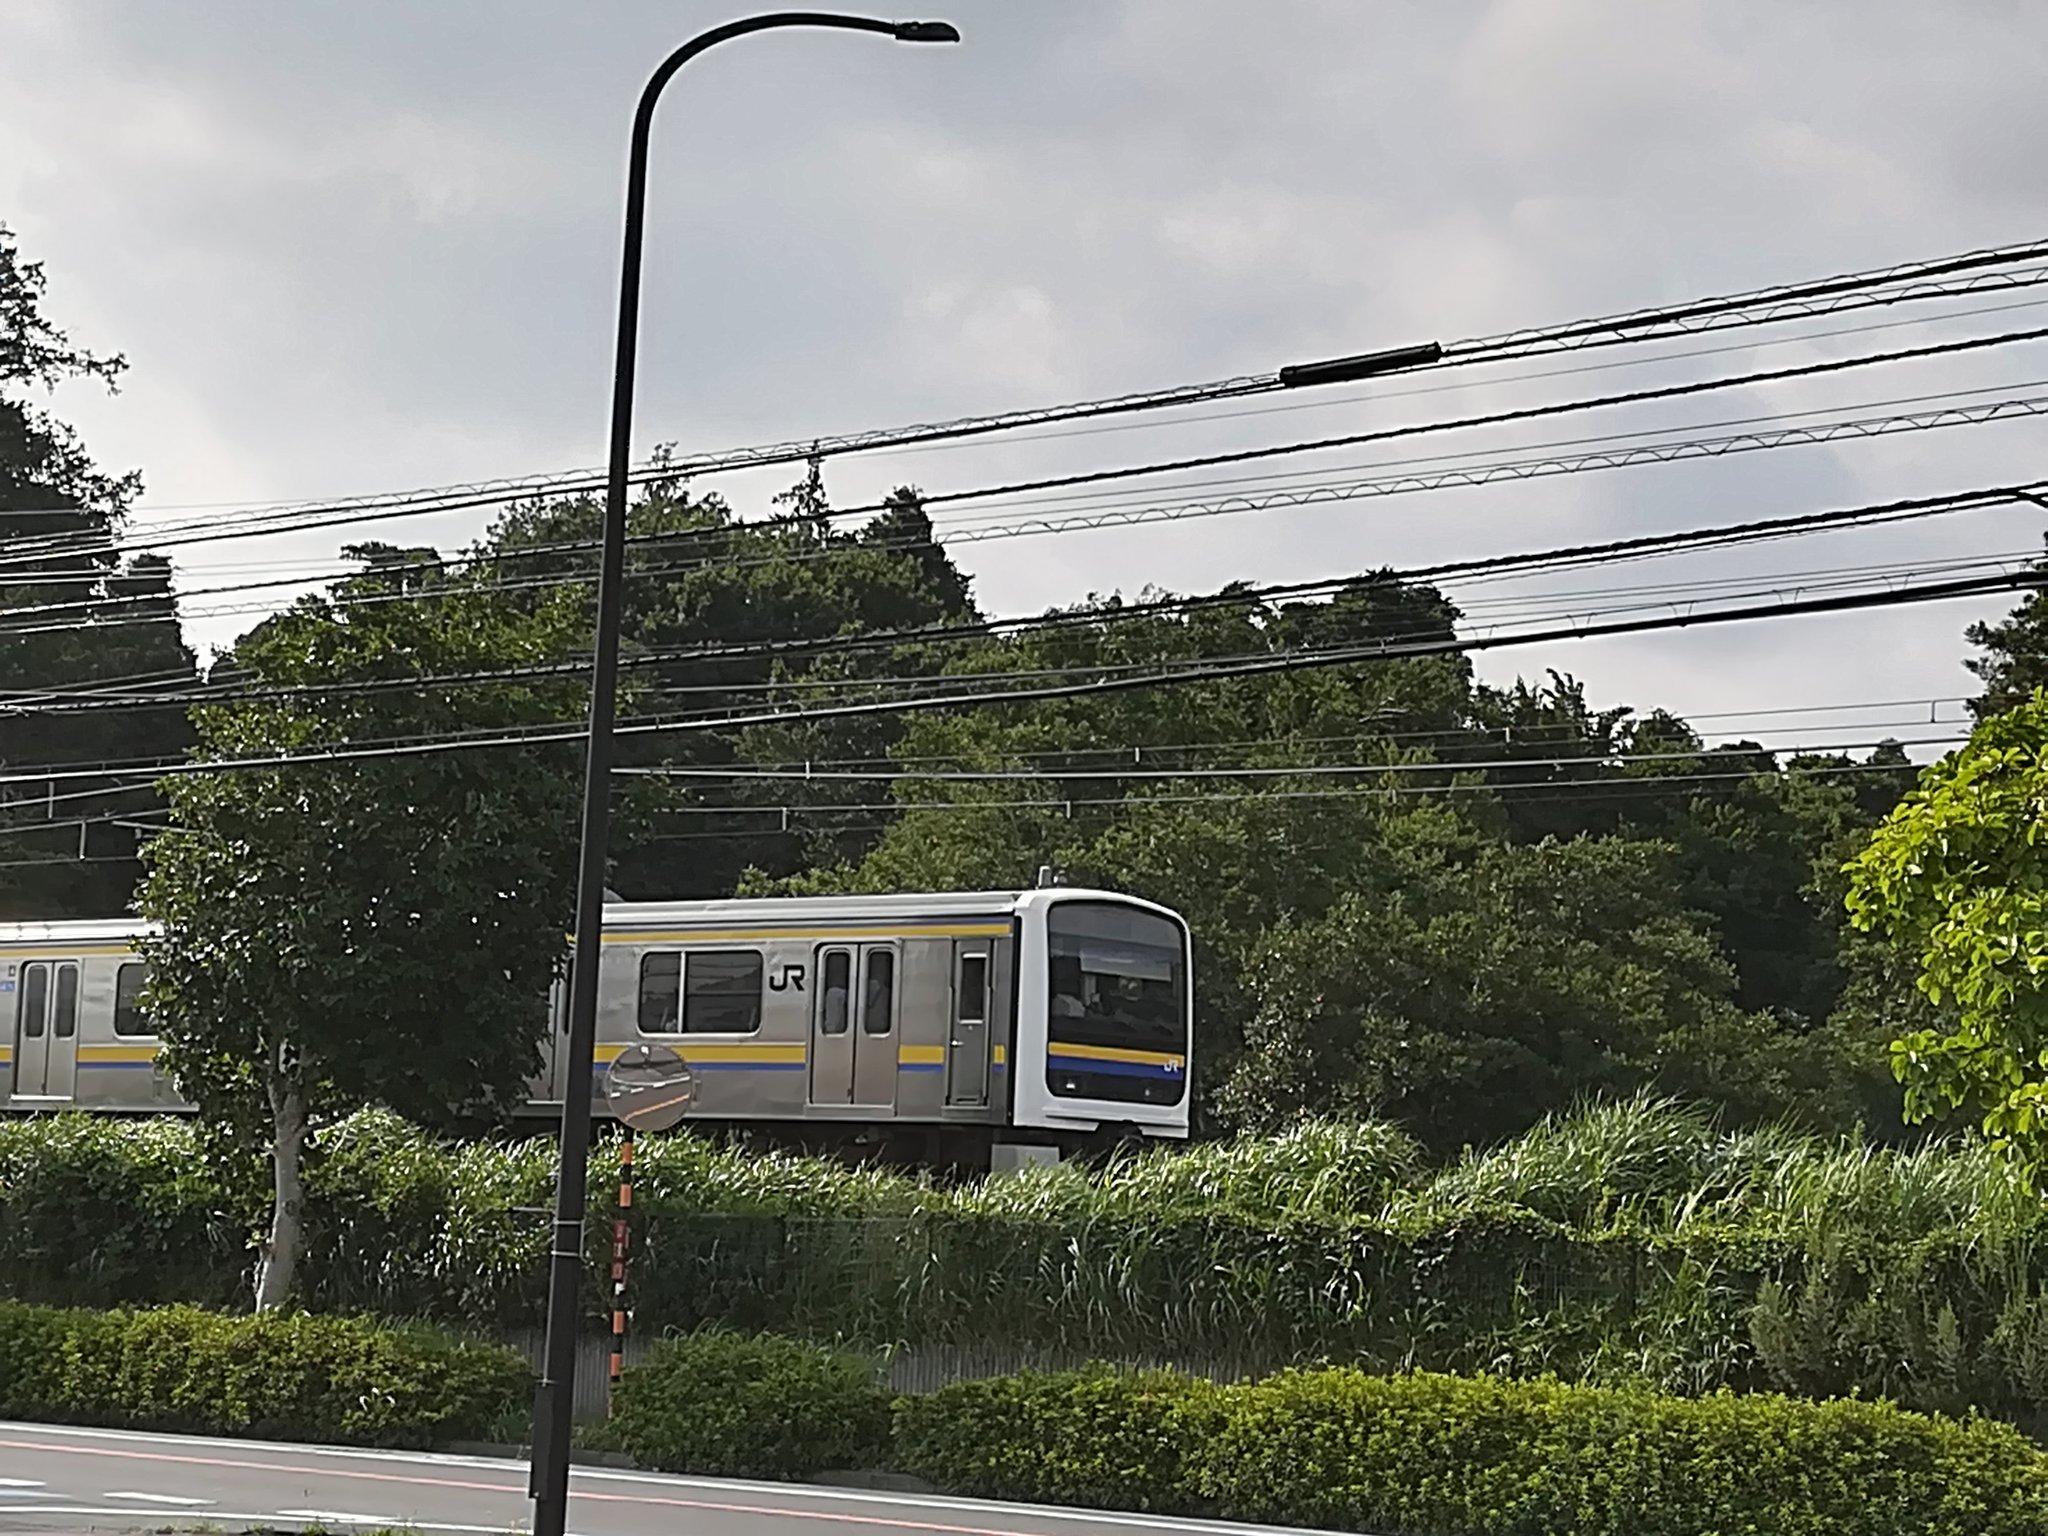 内房線の蘇我駅~浜野駅間で人身事故が起きて電車が止まっている画像